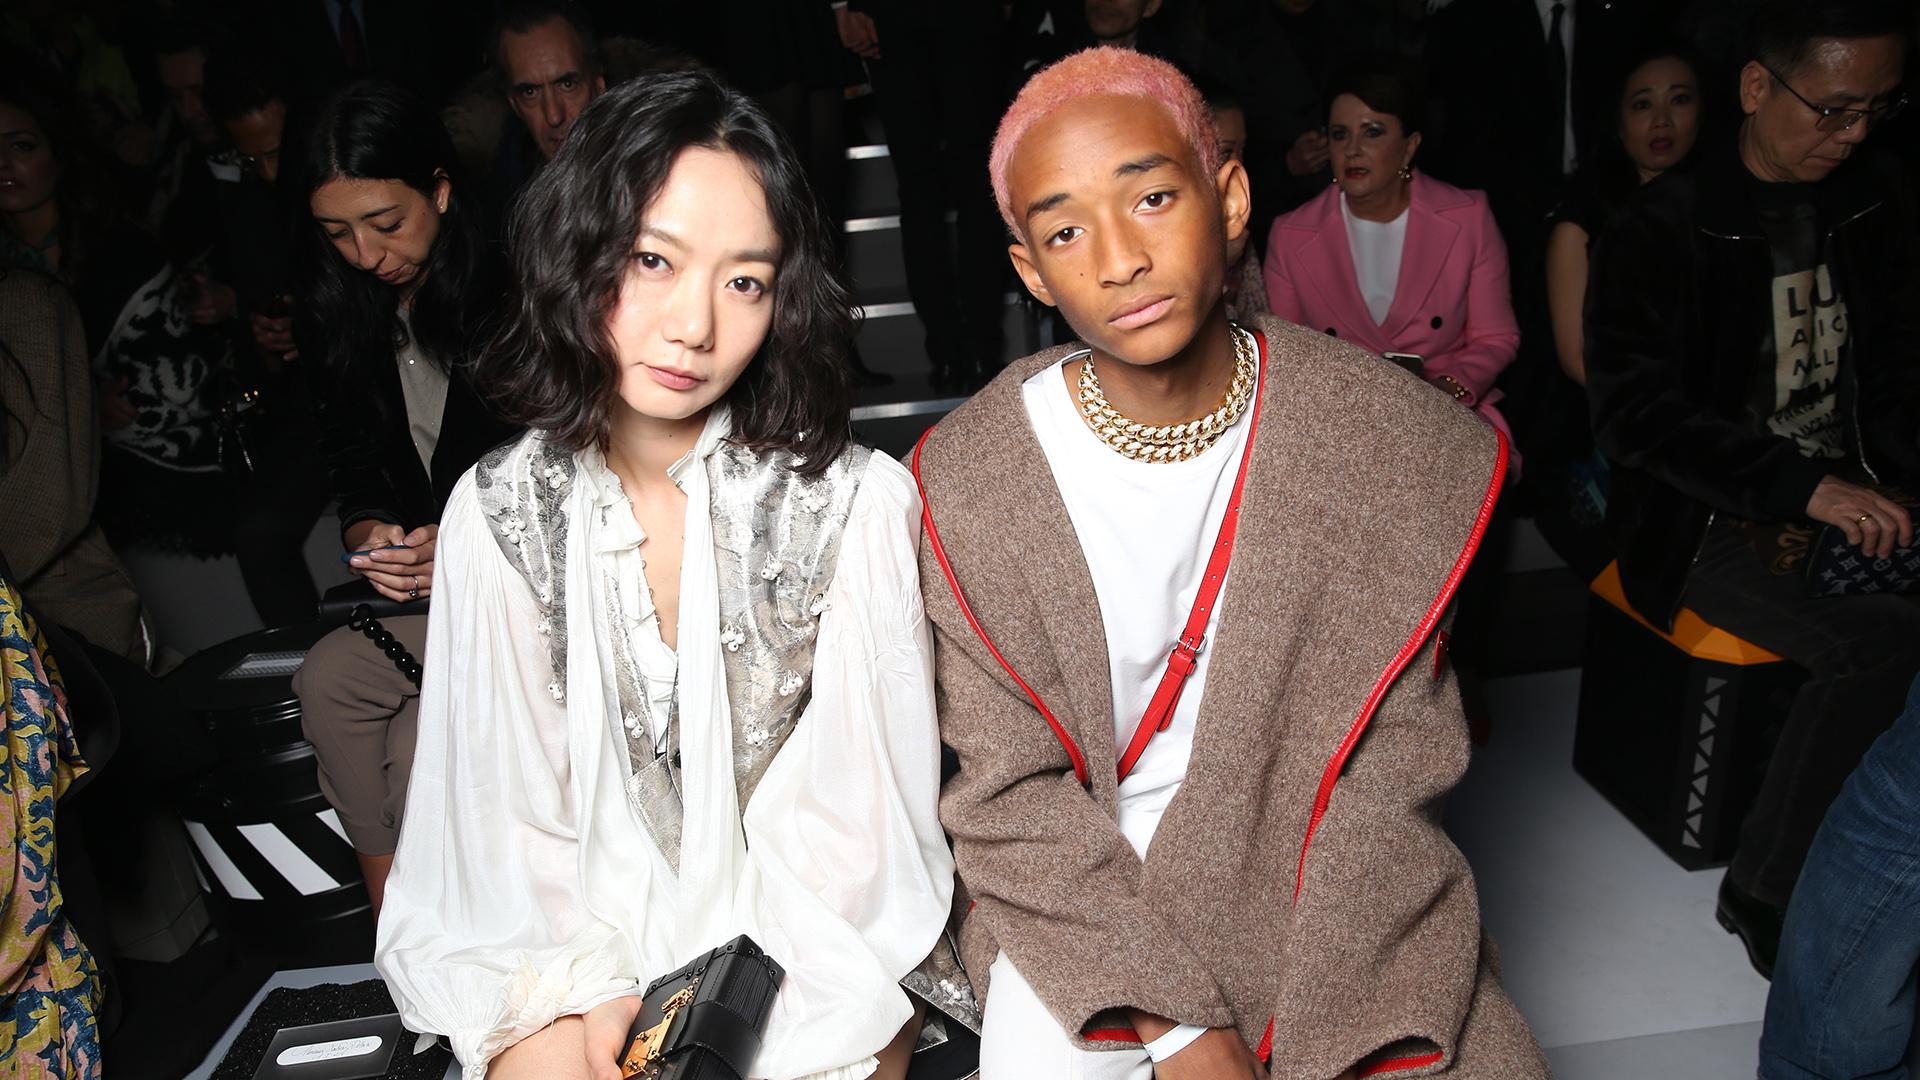 Los actores e influencers Doona Bae y Jaden Smith